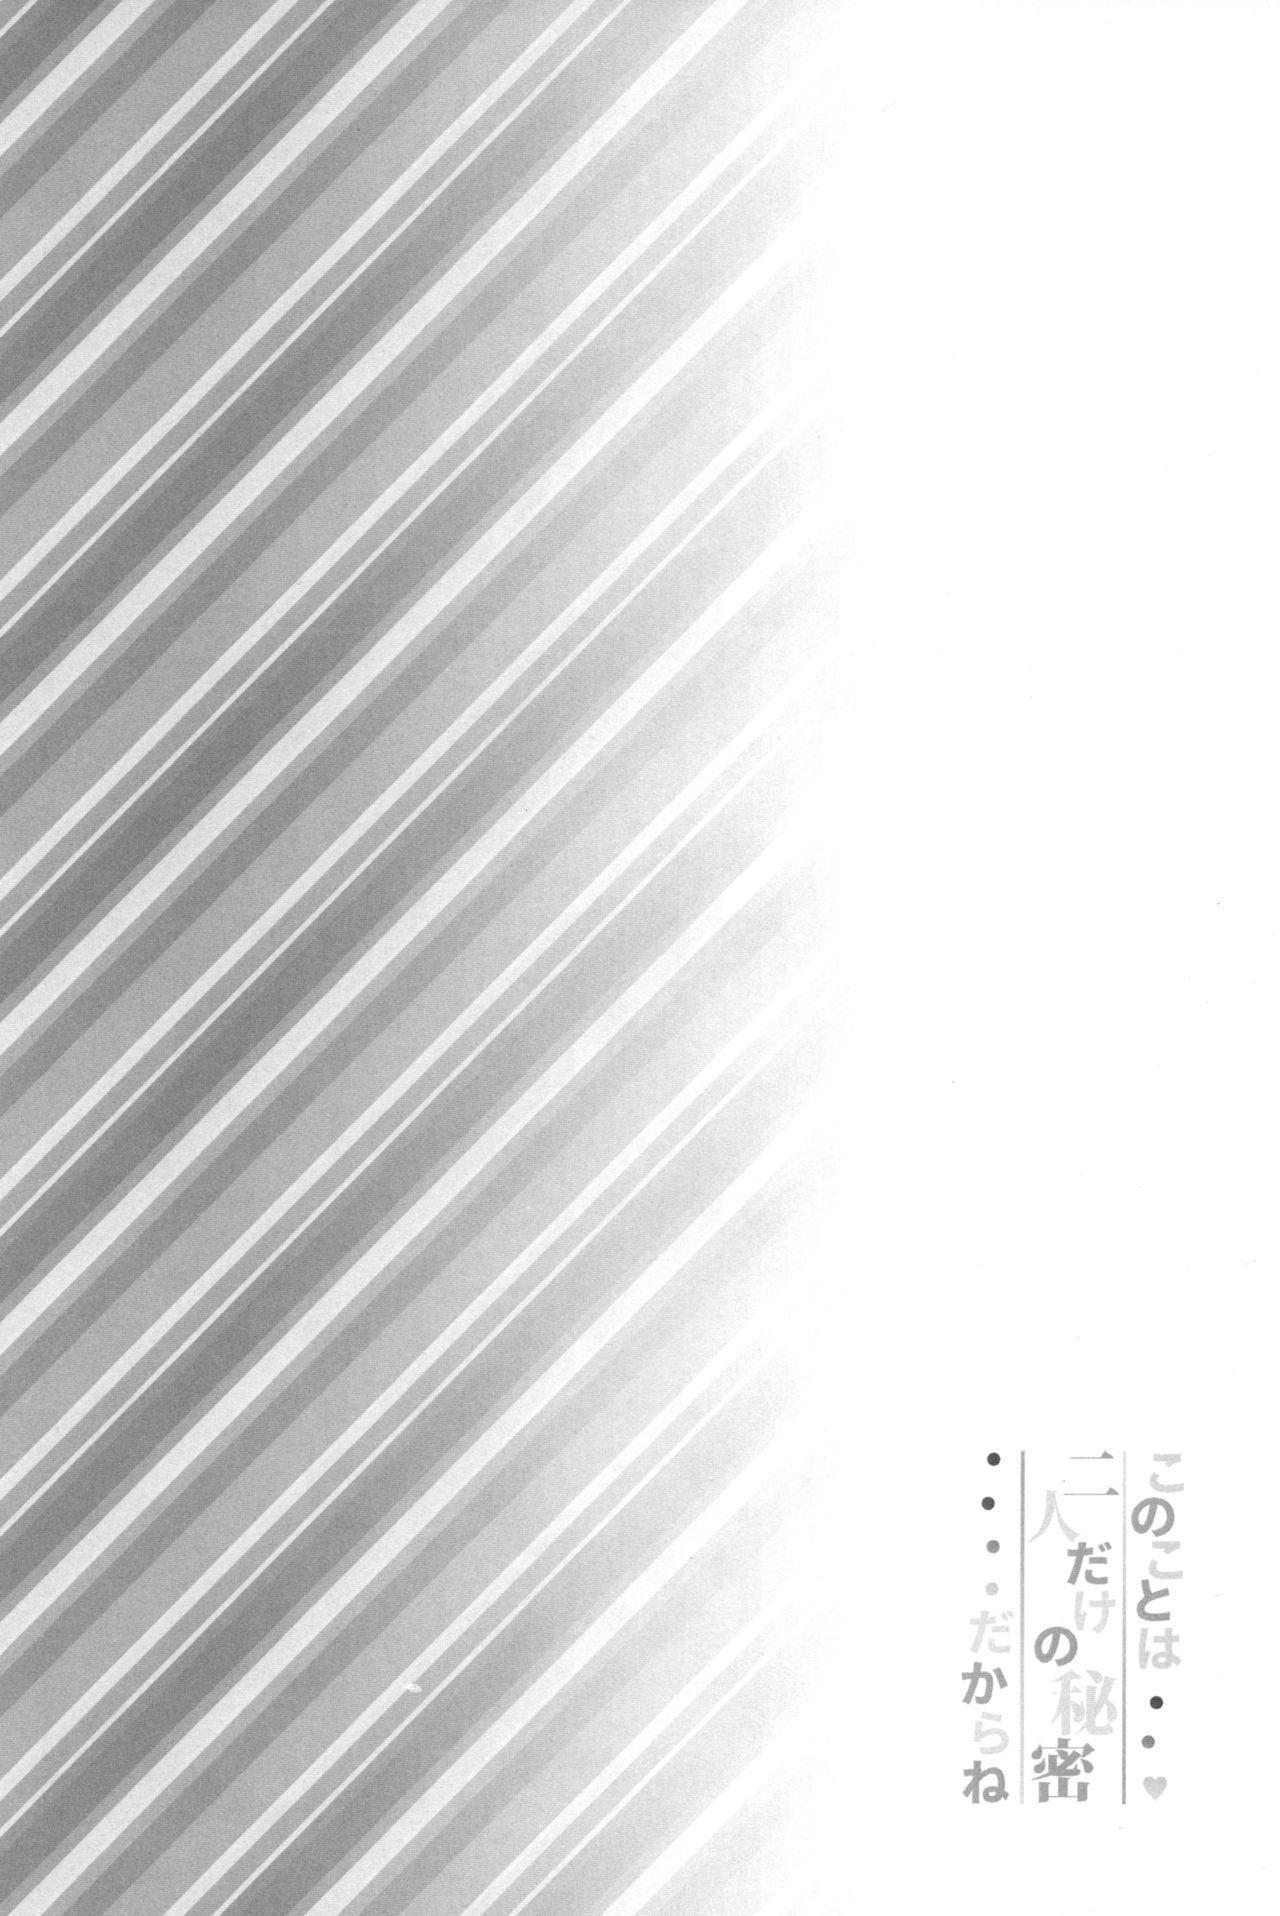 Kono Koto wa Futari dake no Himitsu dakara ne 2